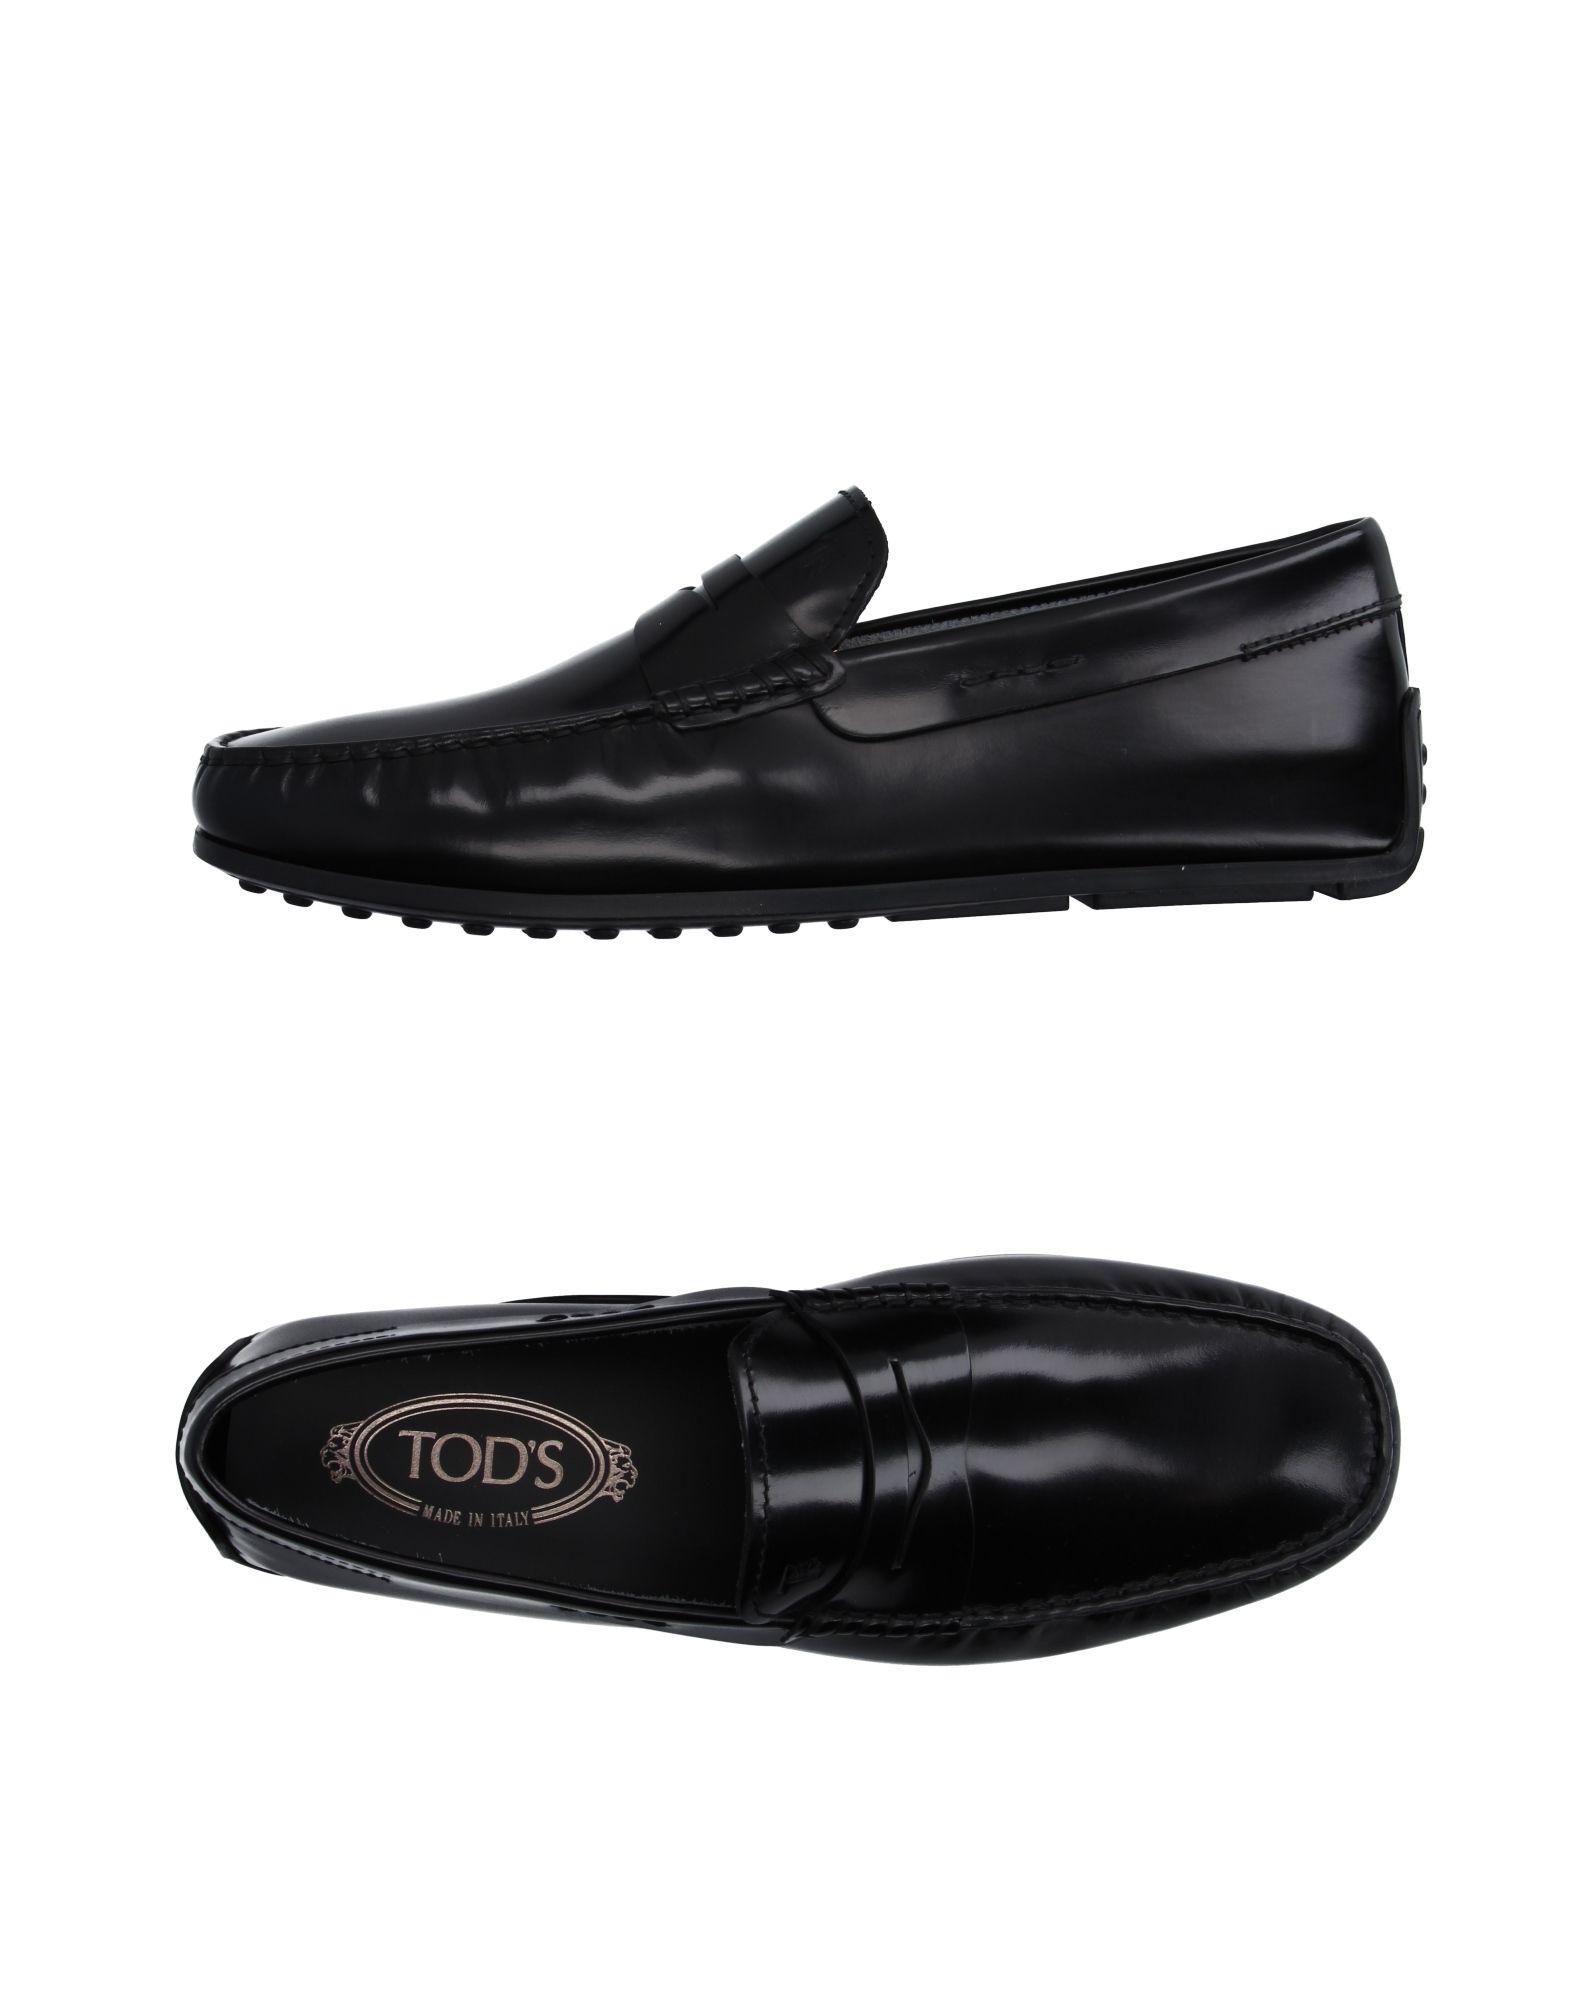 Tod's Mokassins Herren  11135237VT Gute Qualität beliebte Schuhe